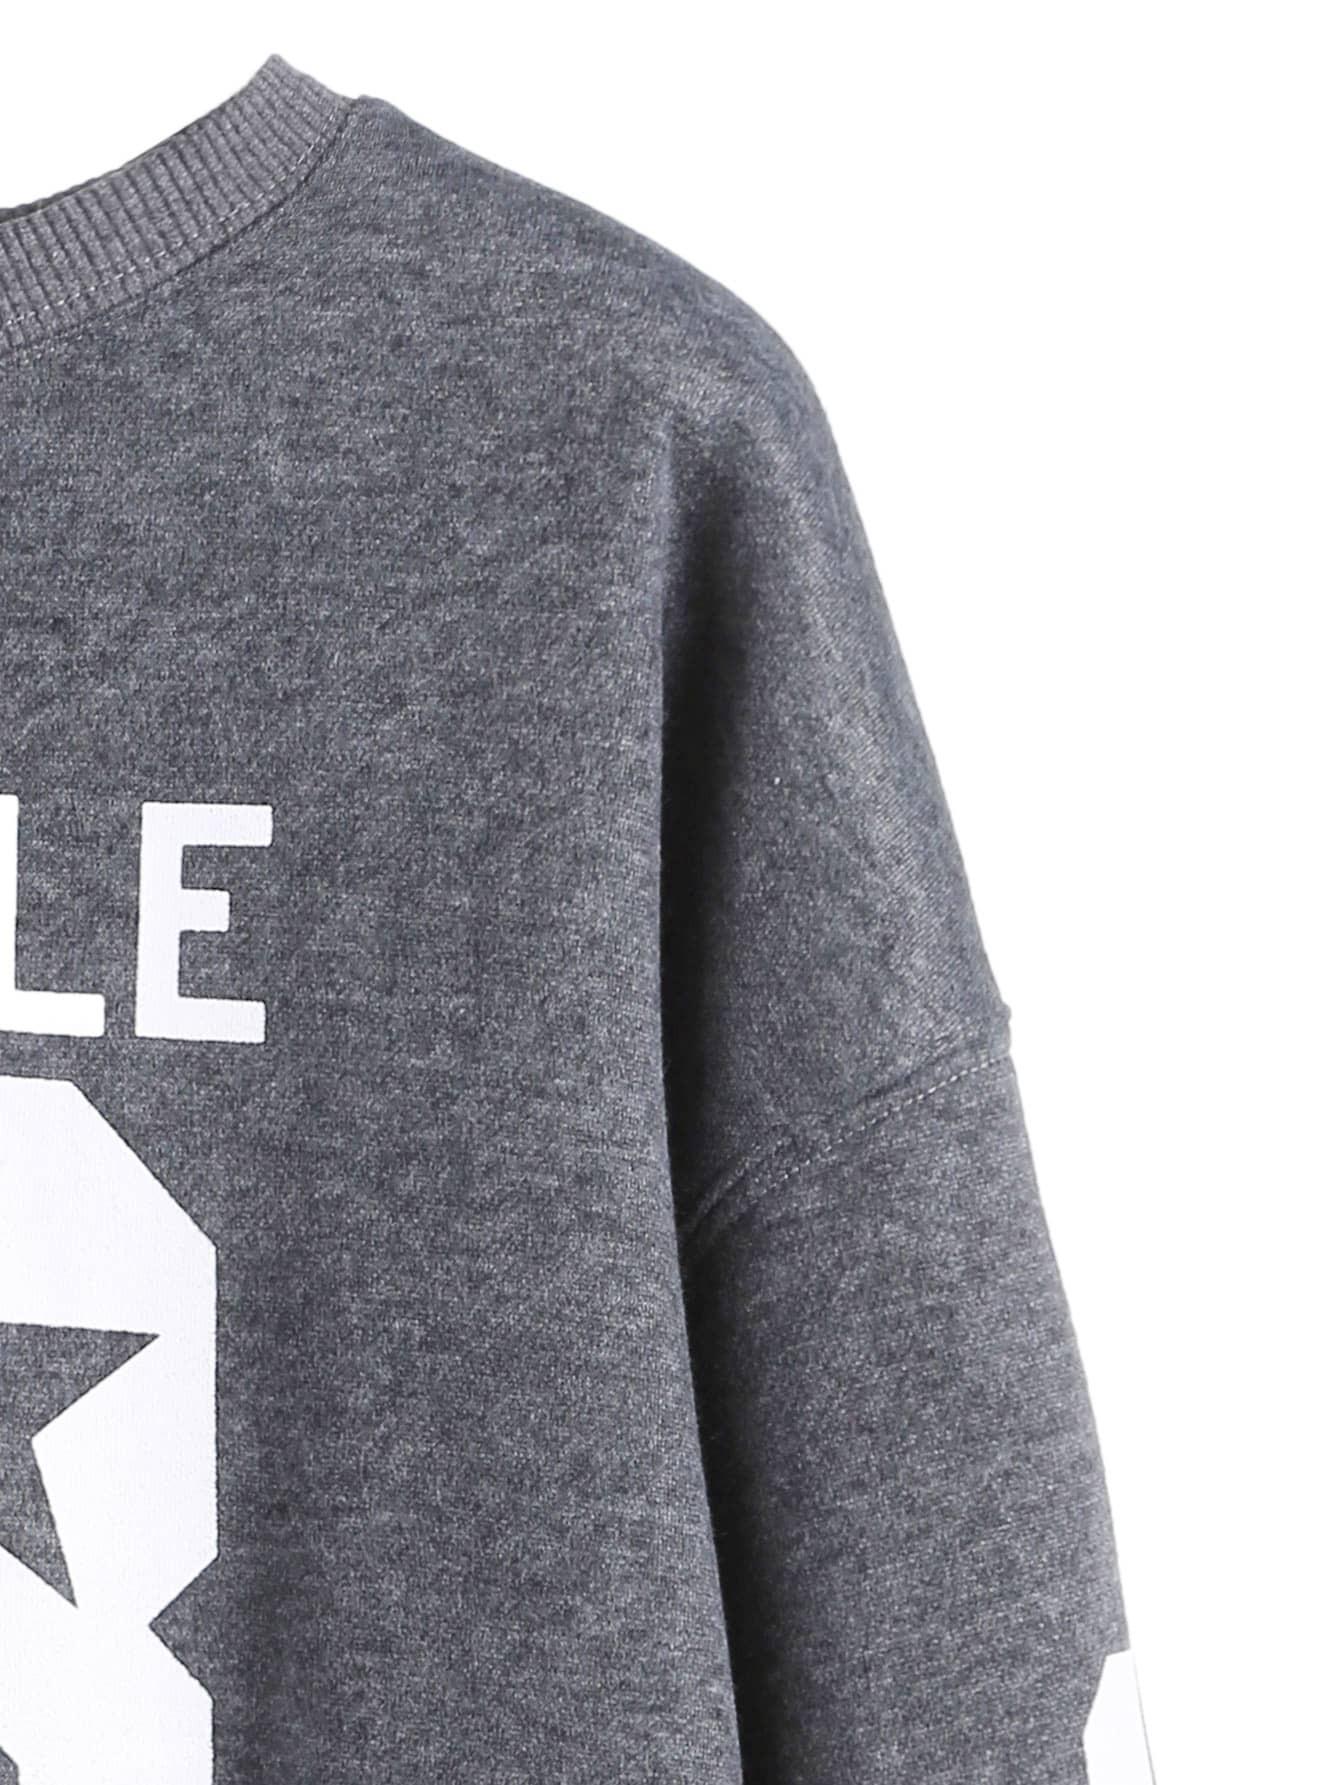 sweatshirt160823002_2